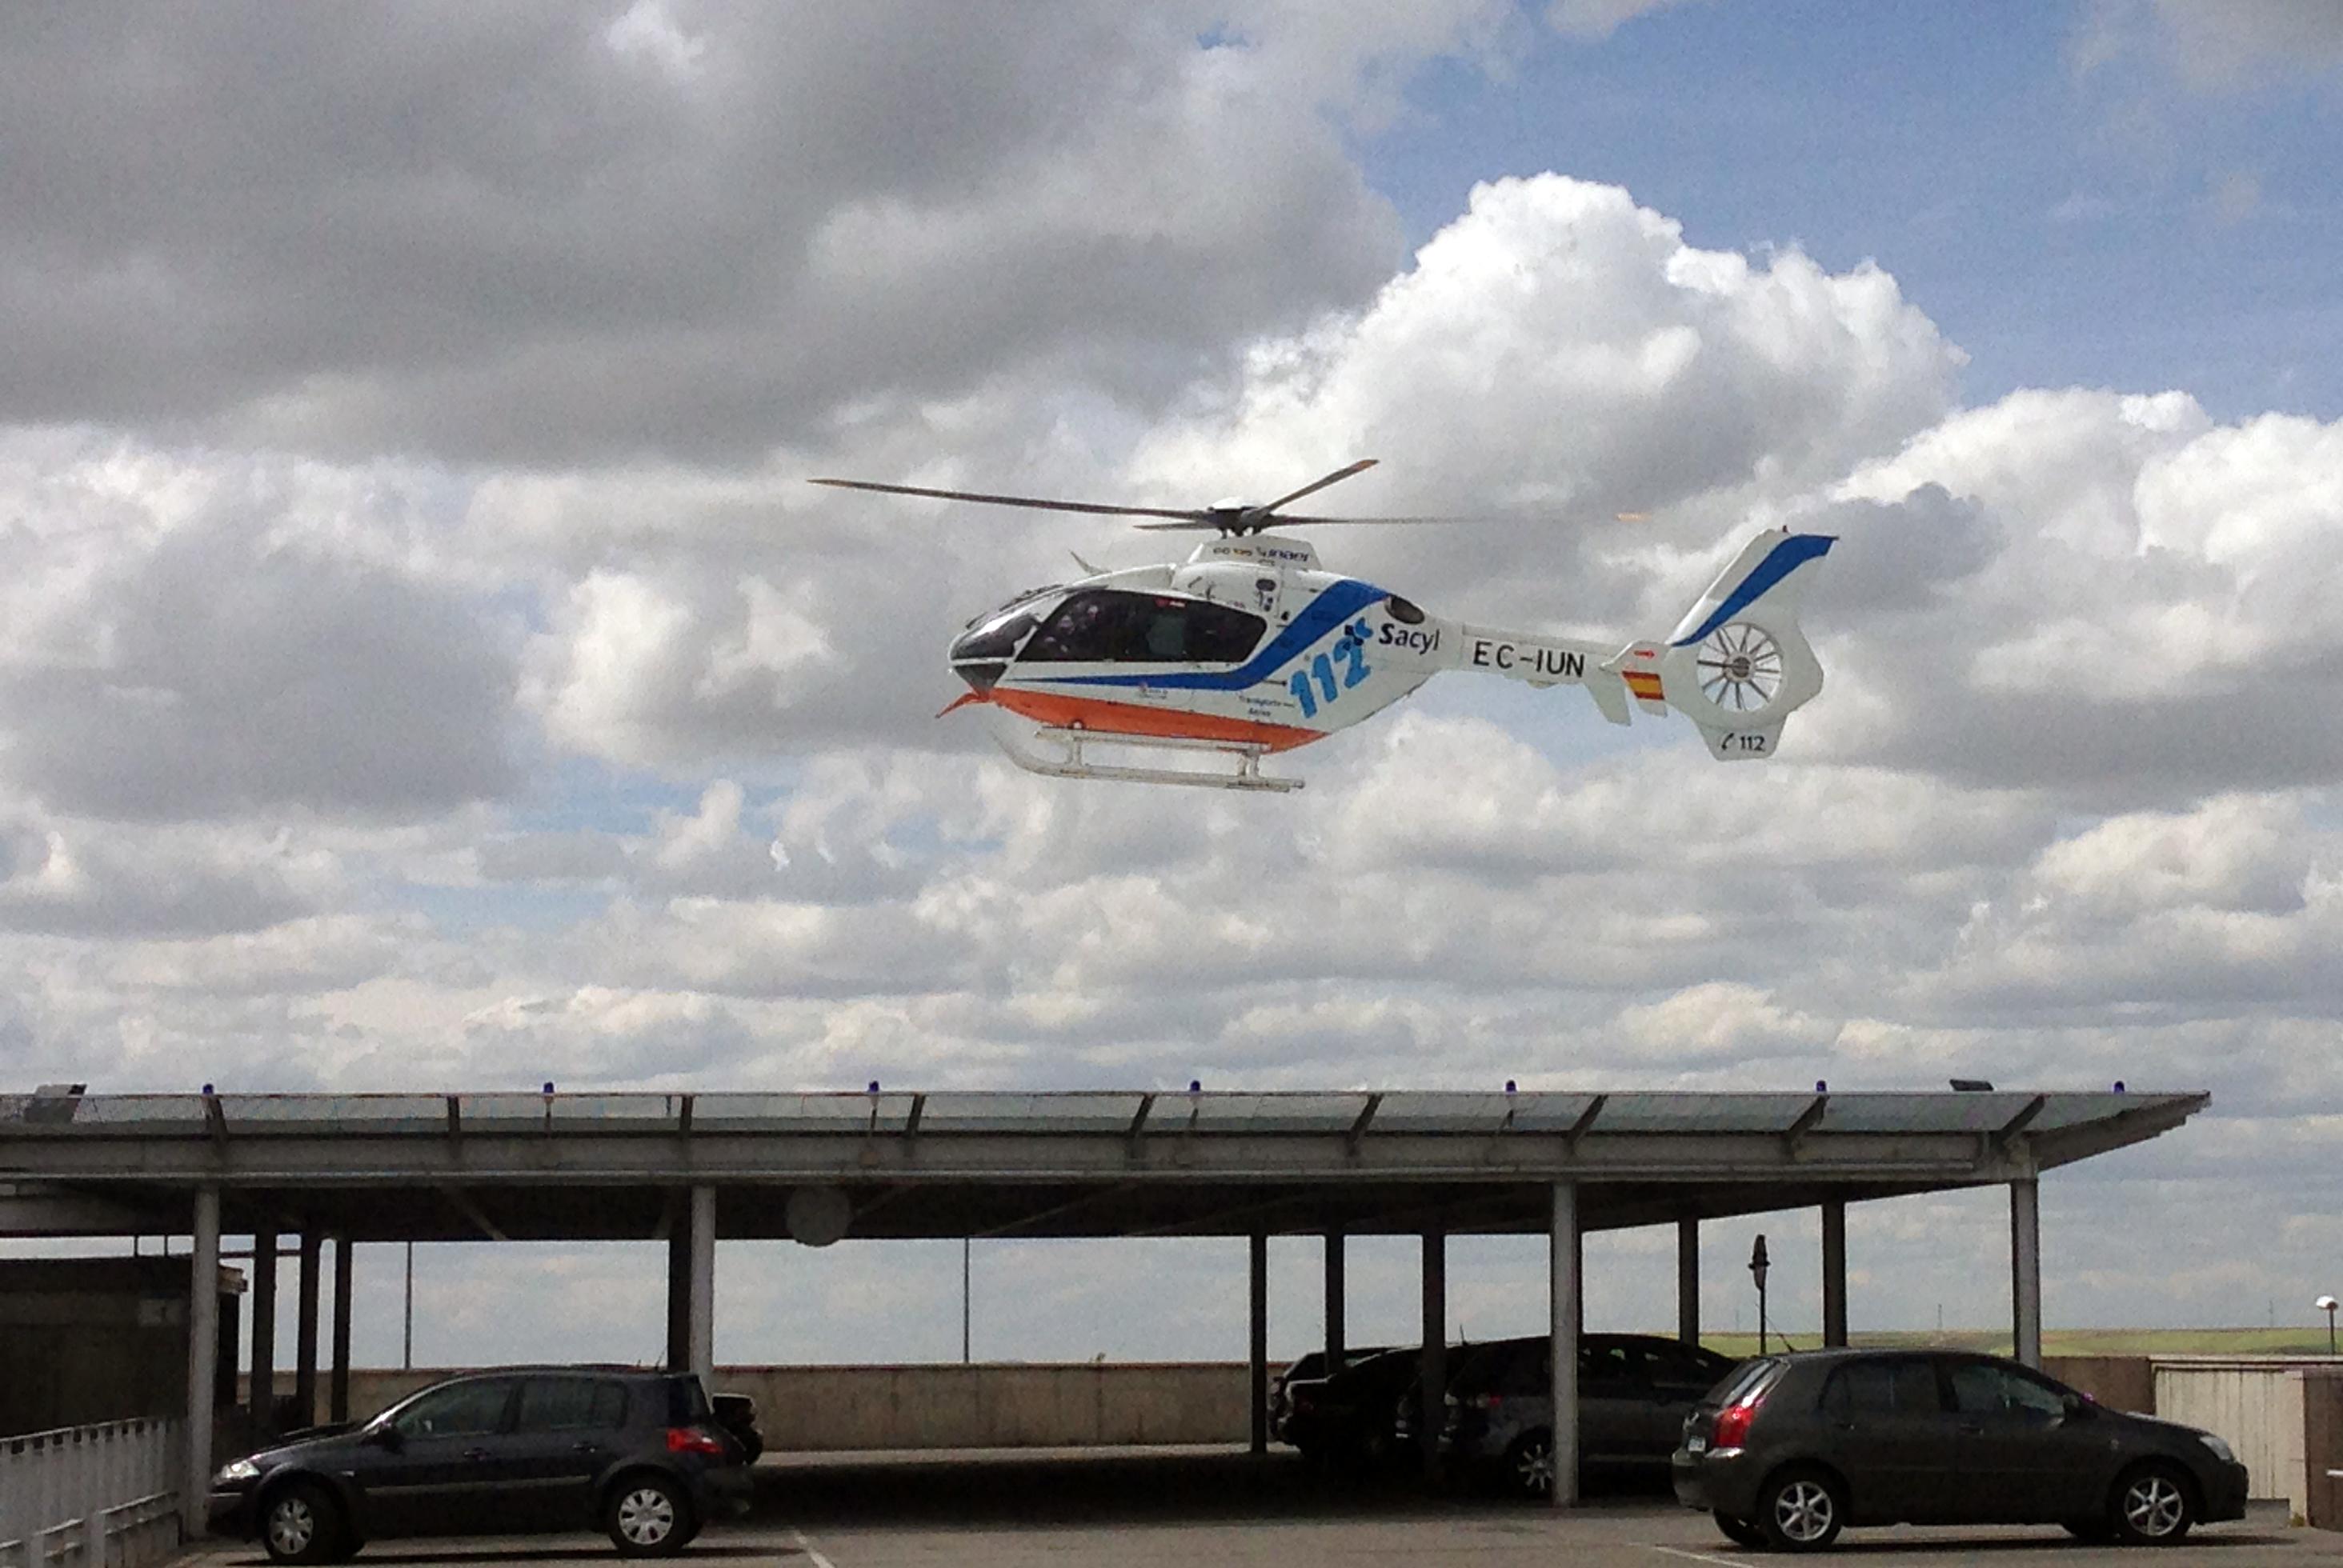 helicoptero 112 castilla y leon